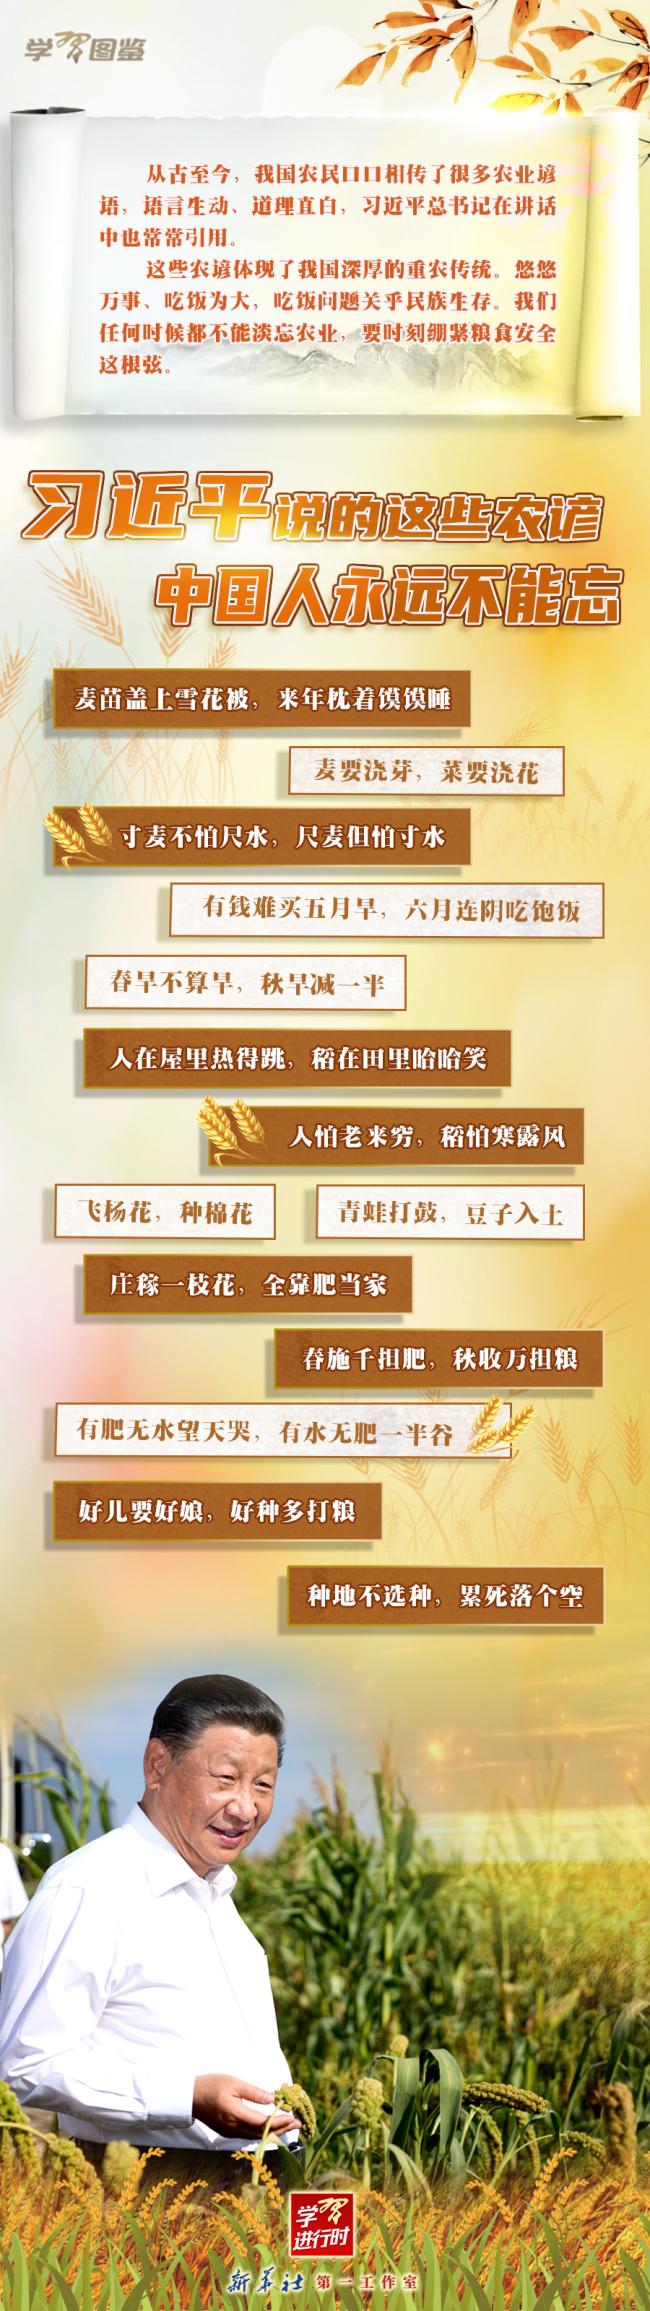 学习进行时|习近平说的这些农谚,中国人永远不能忘